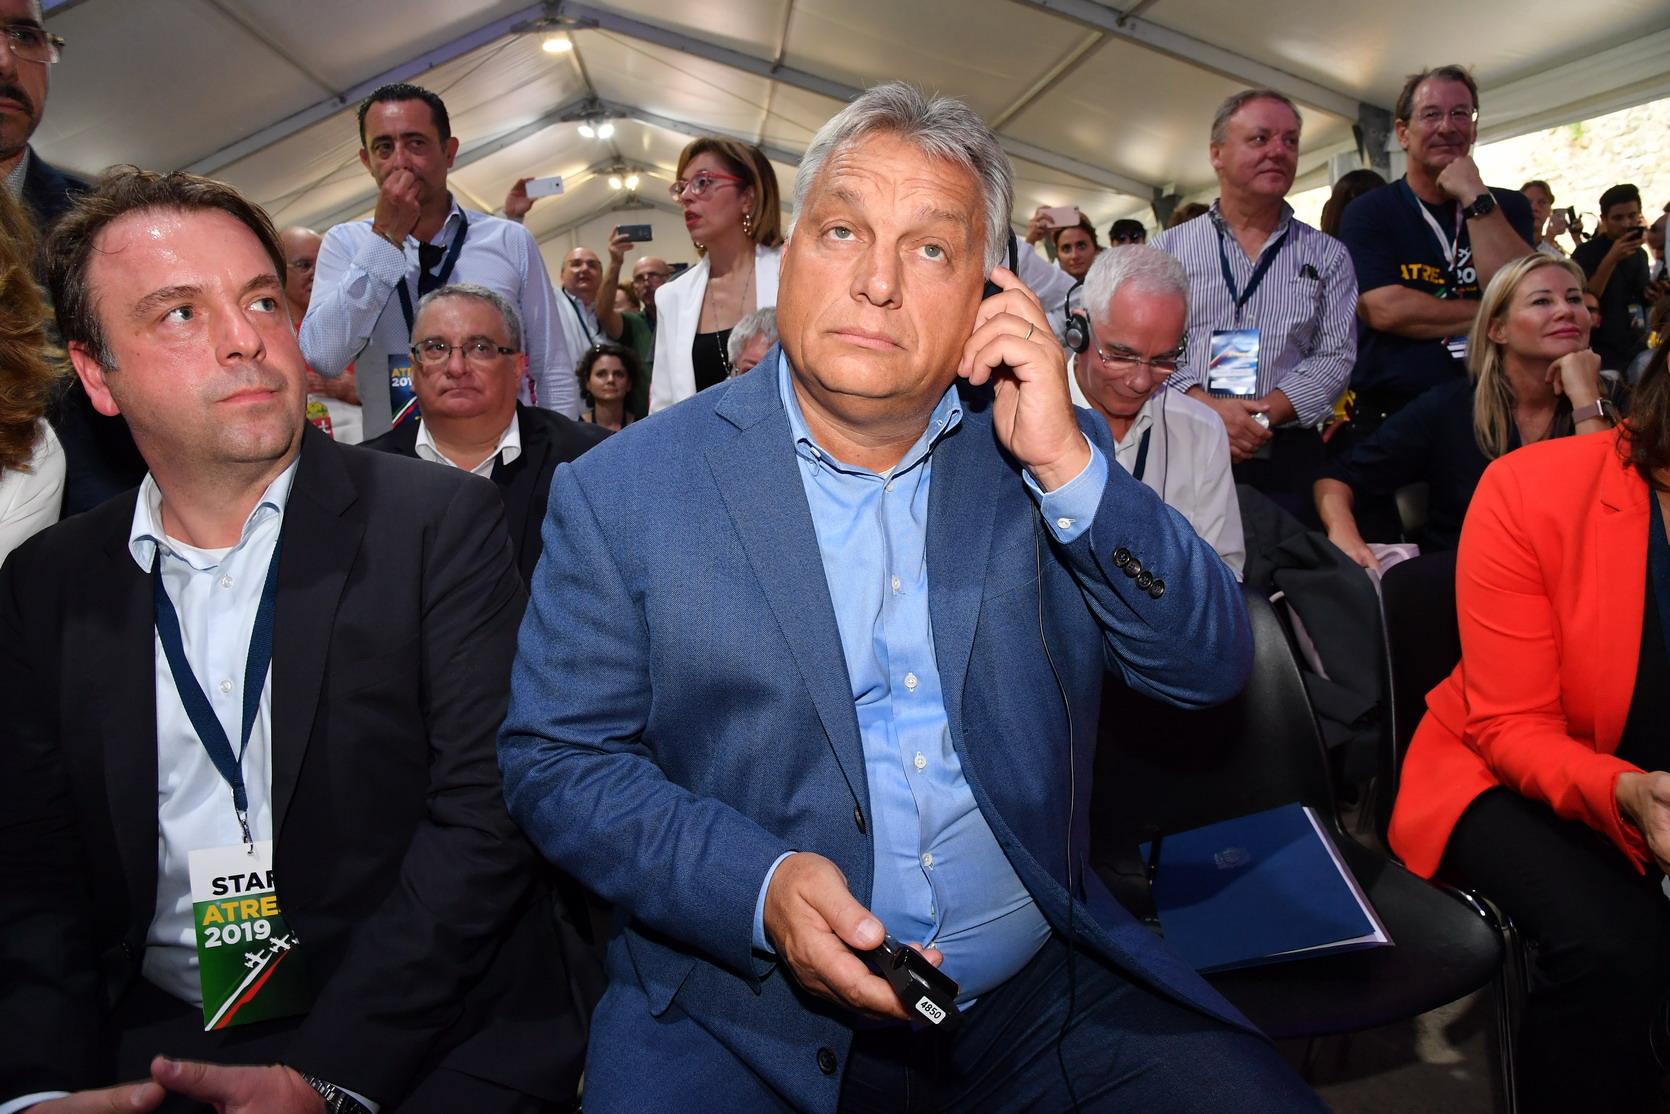 Orbán all'attacco. Ma dei sovranisti italiani